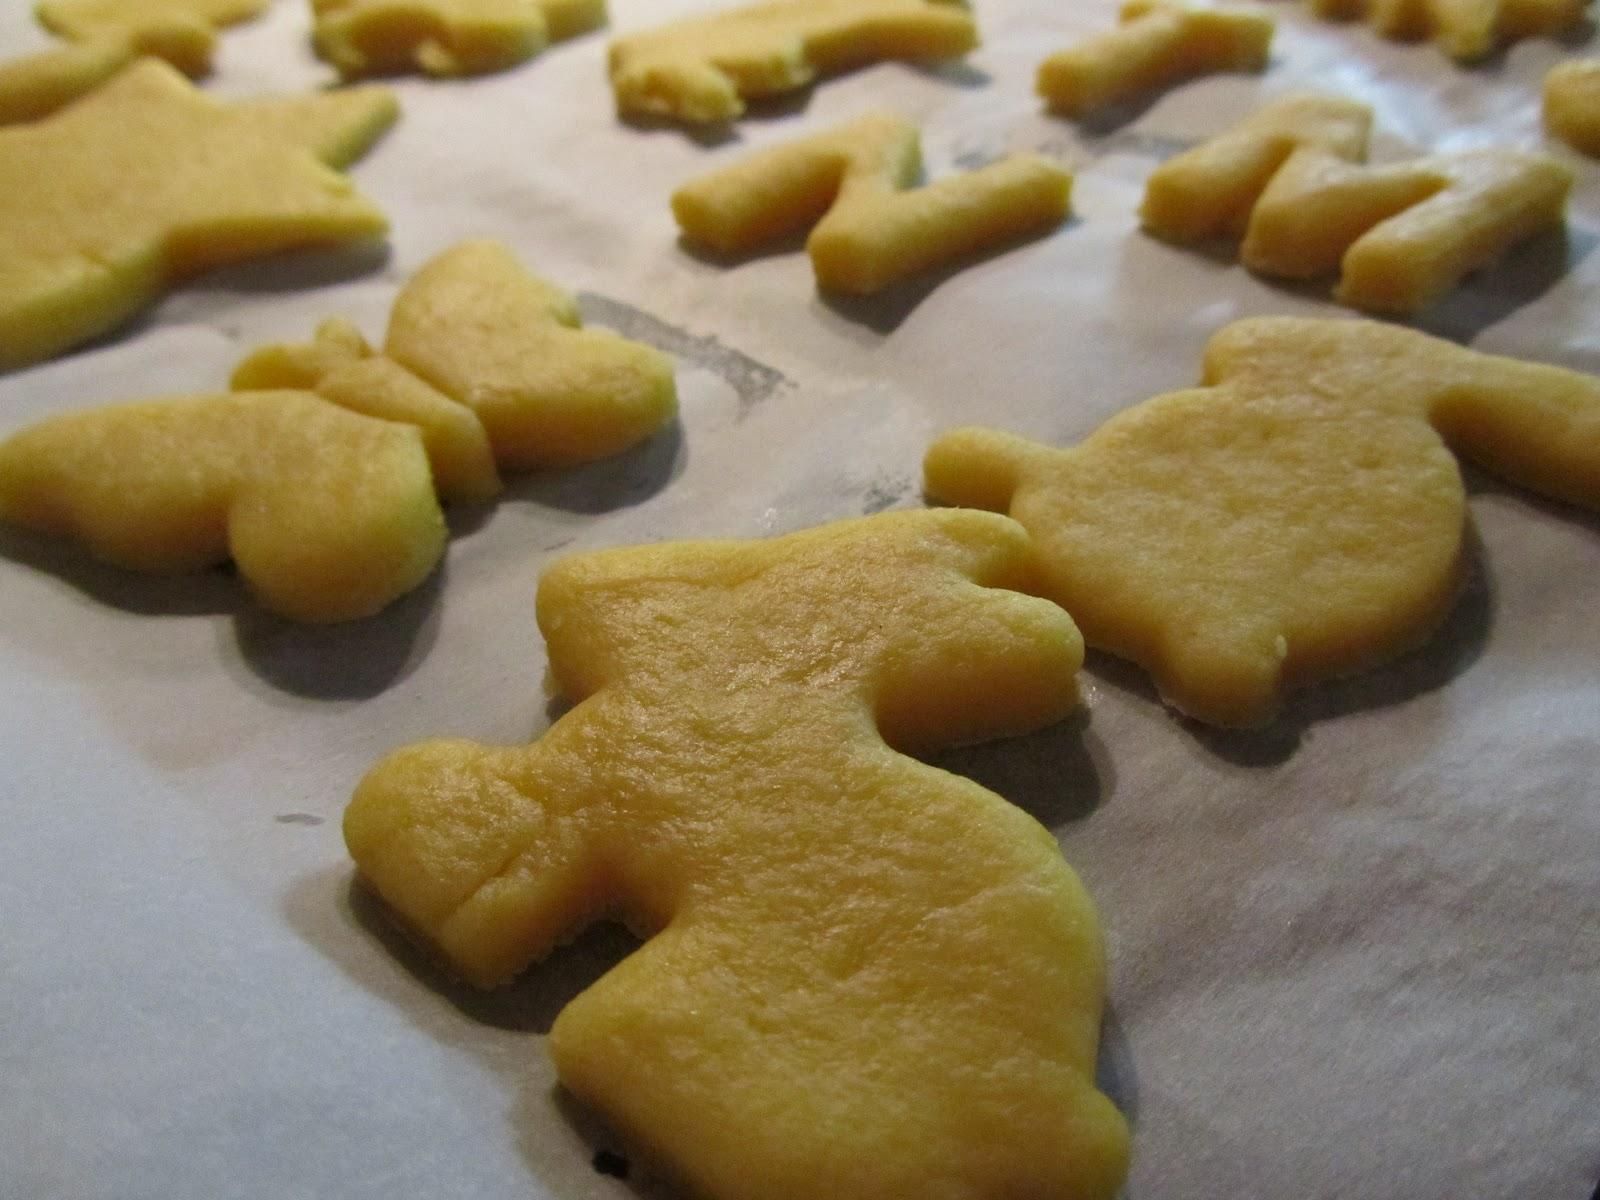 Tante idee per un giorno..: #50 - Biscotti bagnati al cioccolato